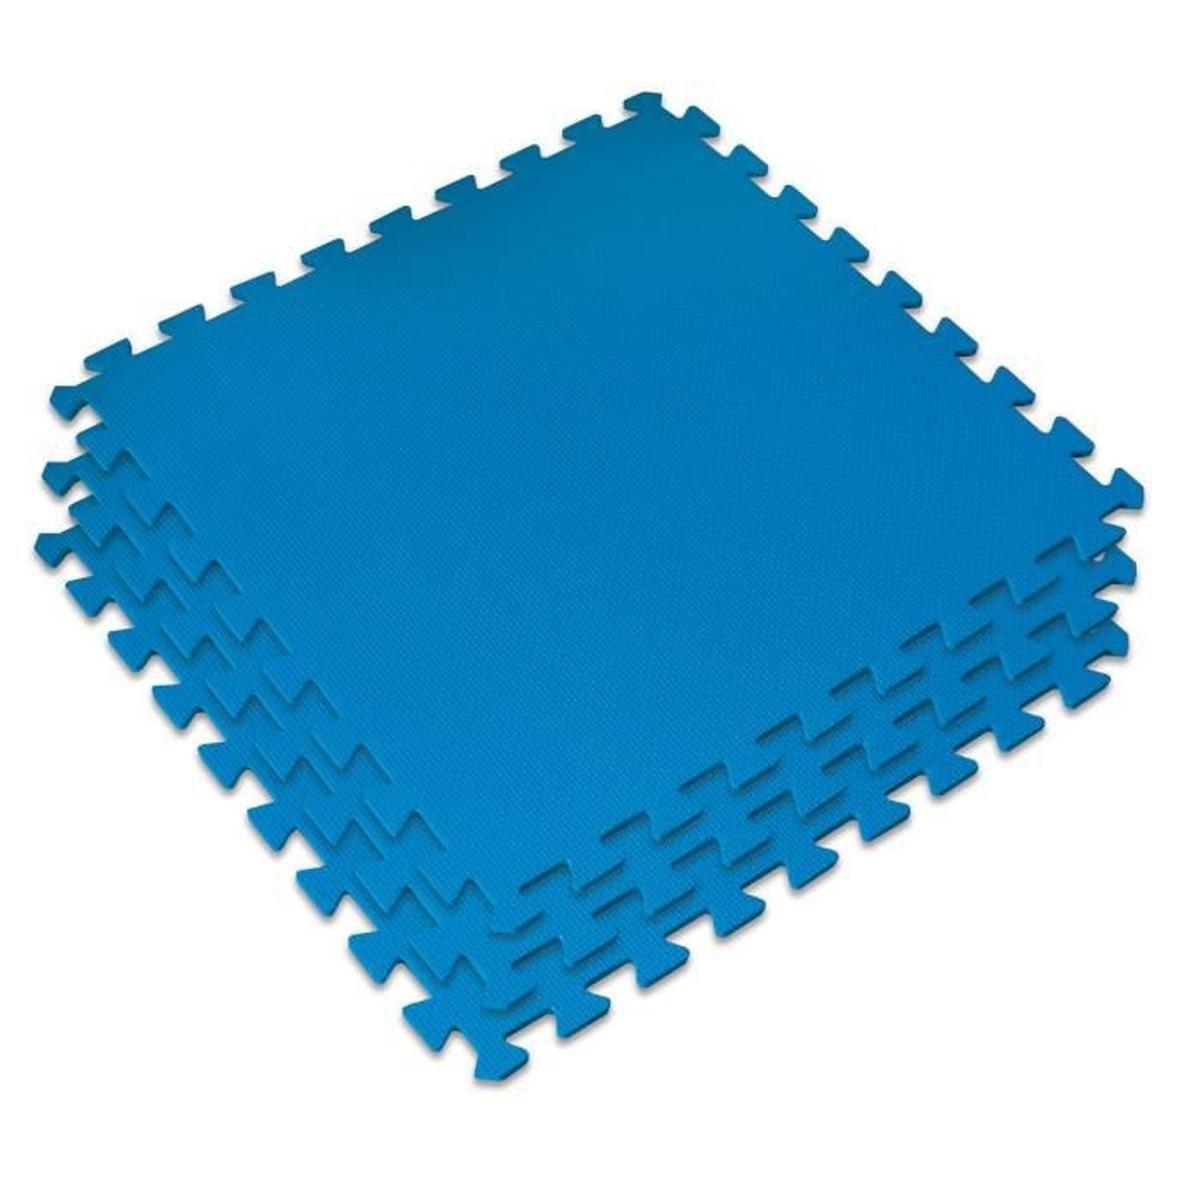 Dalle De Protection Pour Le Sol Kokido 60X60 Cm (Bleu ... encequiconcerne Dalle Mousse Piscine